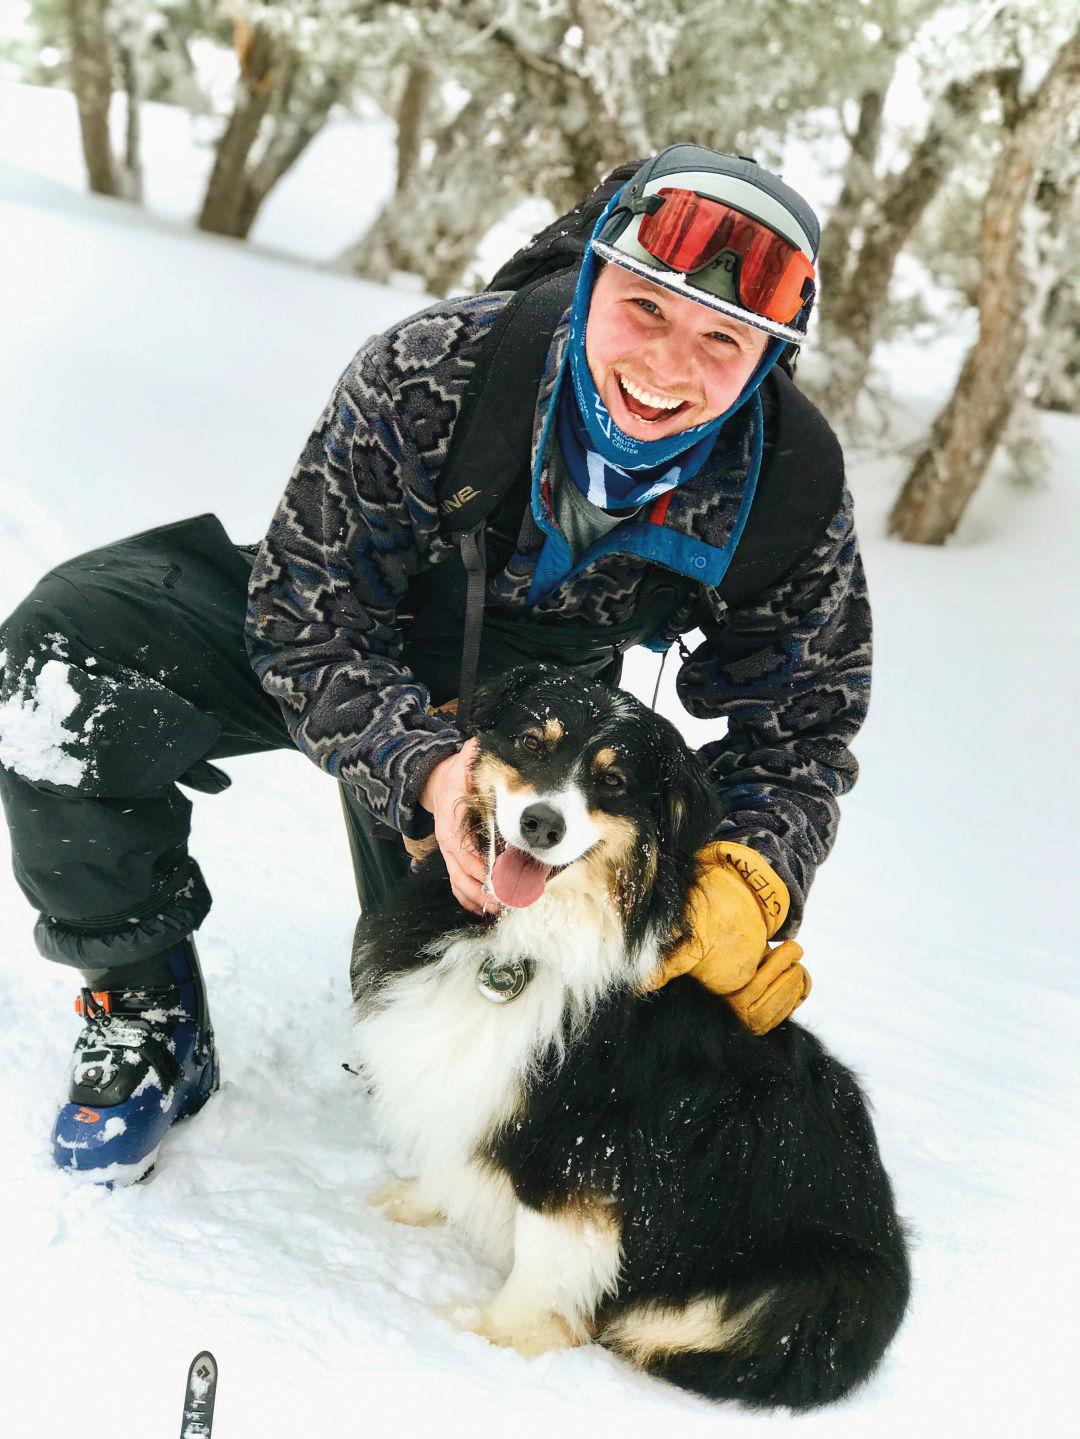 Danny Stern, Ski Patroller